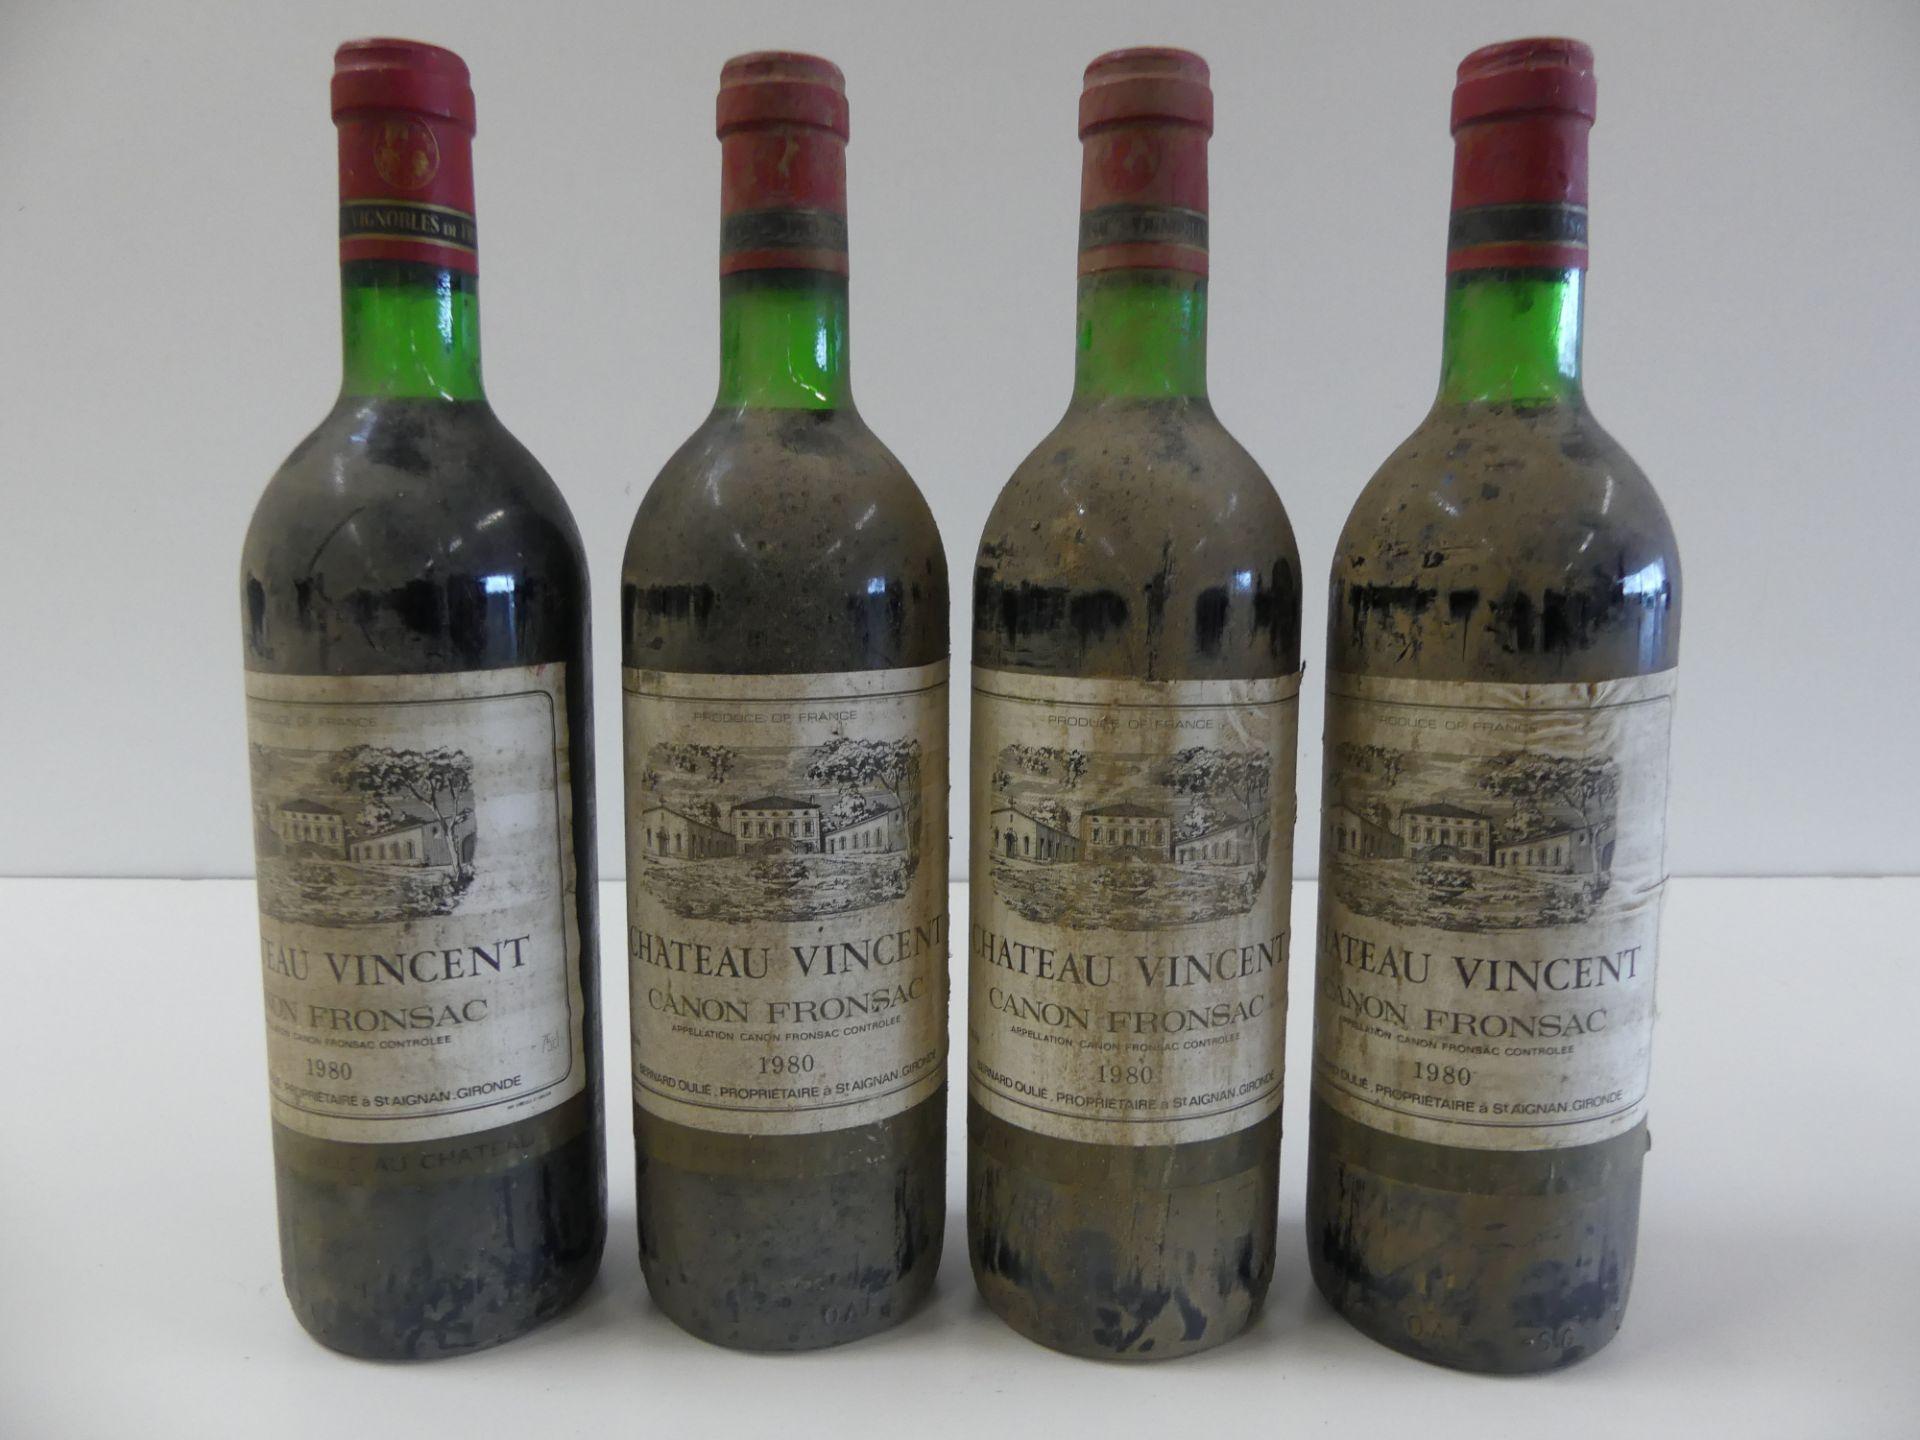 Los 49 - 4 Château Vincent Canon Fronsac Bernard Oulié 1980 Btles sales -